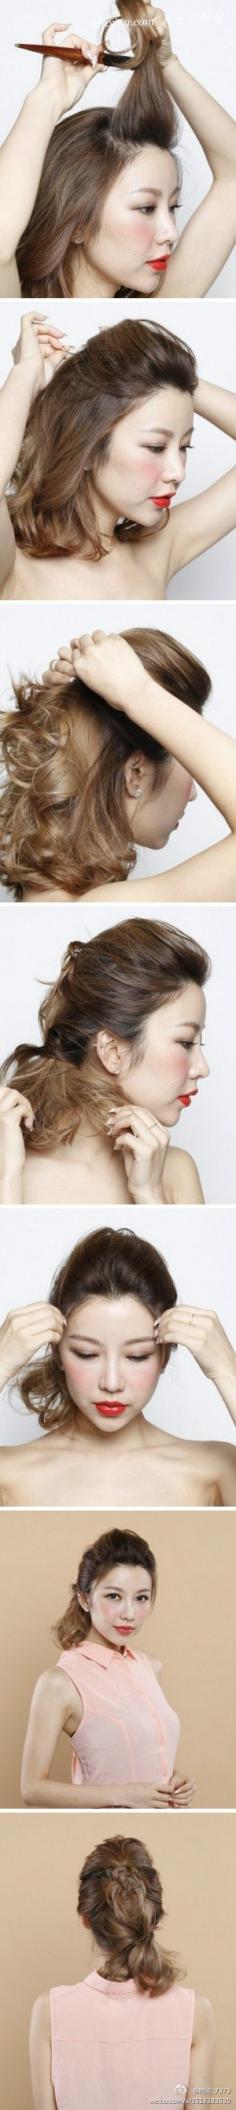 十一魅力马尾发型 扭扭就搞定的活力低马尾